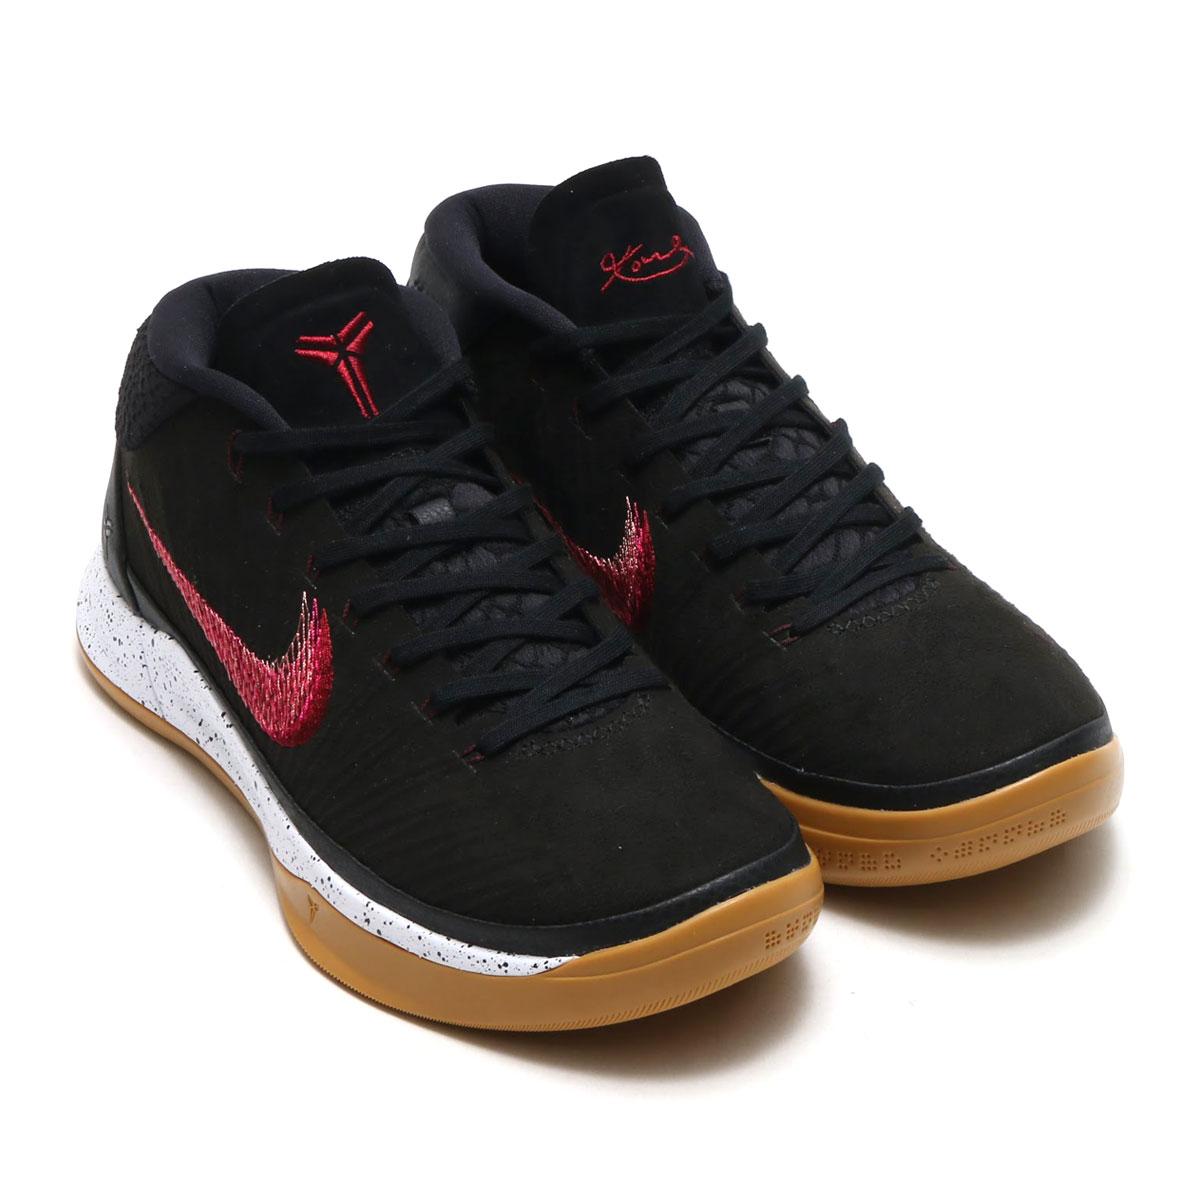 9189a813cc09 atmos pink  NIKE KOBE A.D. EP (Nike Corby AD EP) (BLACK SAIL-GUM ...